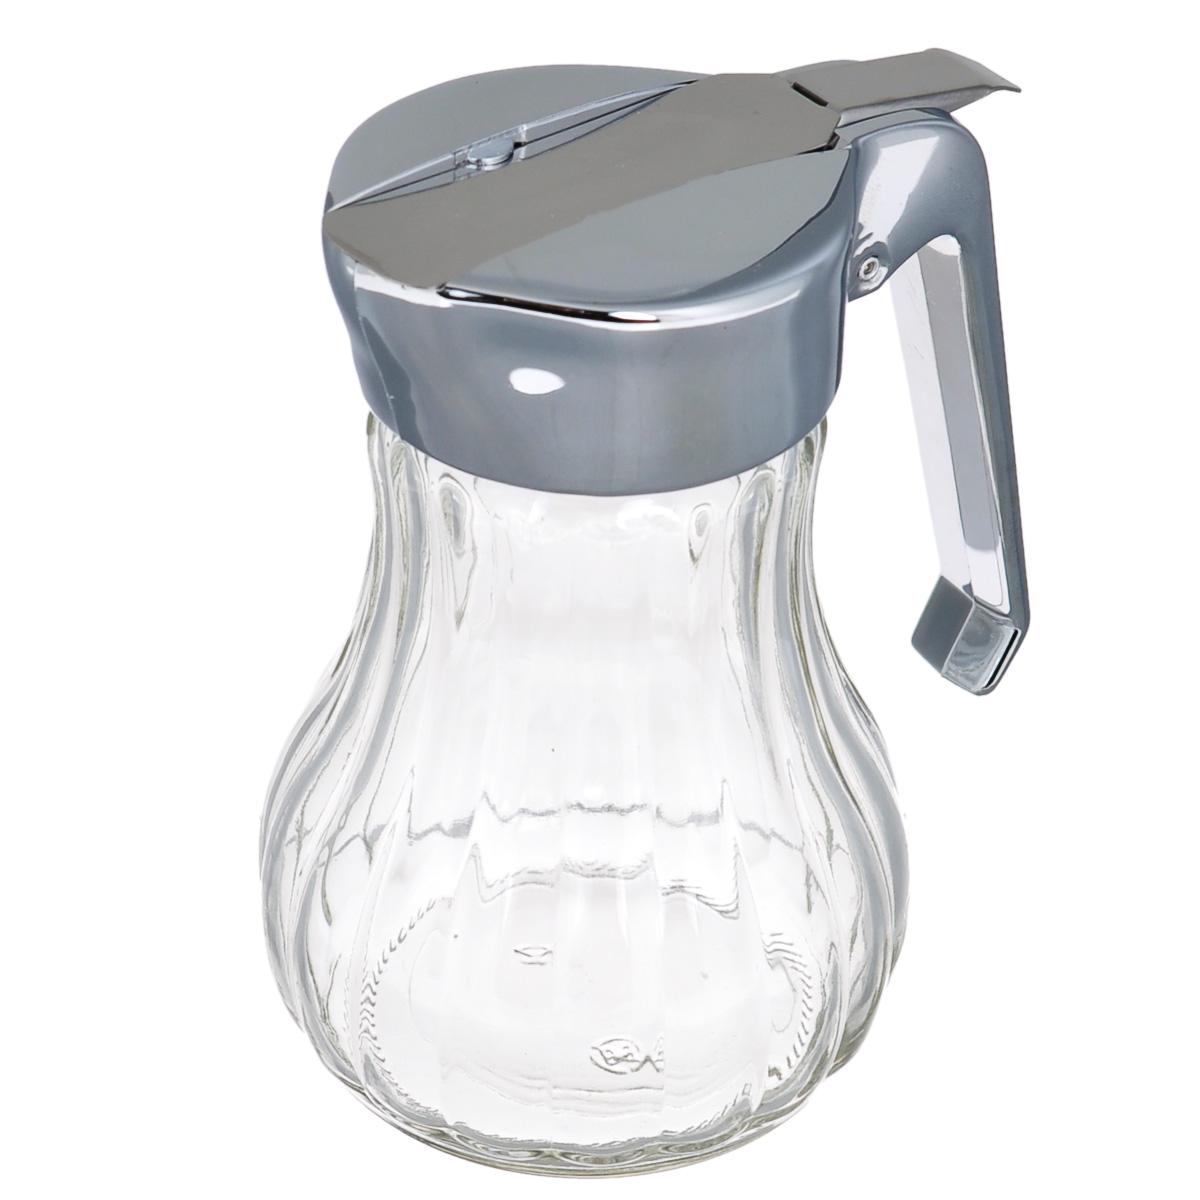 Сливочник Tescoma Classic, 250 мл654050Сливочник Tescoma Classic изготовлен из пластика и стекла. Изделие оснащено удобным дозатором и предназначено для сливок, молока или меда. Сливочник прекрасно подходит для сервировки стола, отлично вписывается в интерьер современной кухни, а также будет отличным подарком для любой хозяйки. Нельзя мыть в посудомоечной машине.